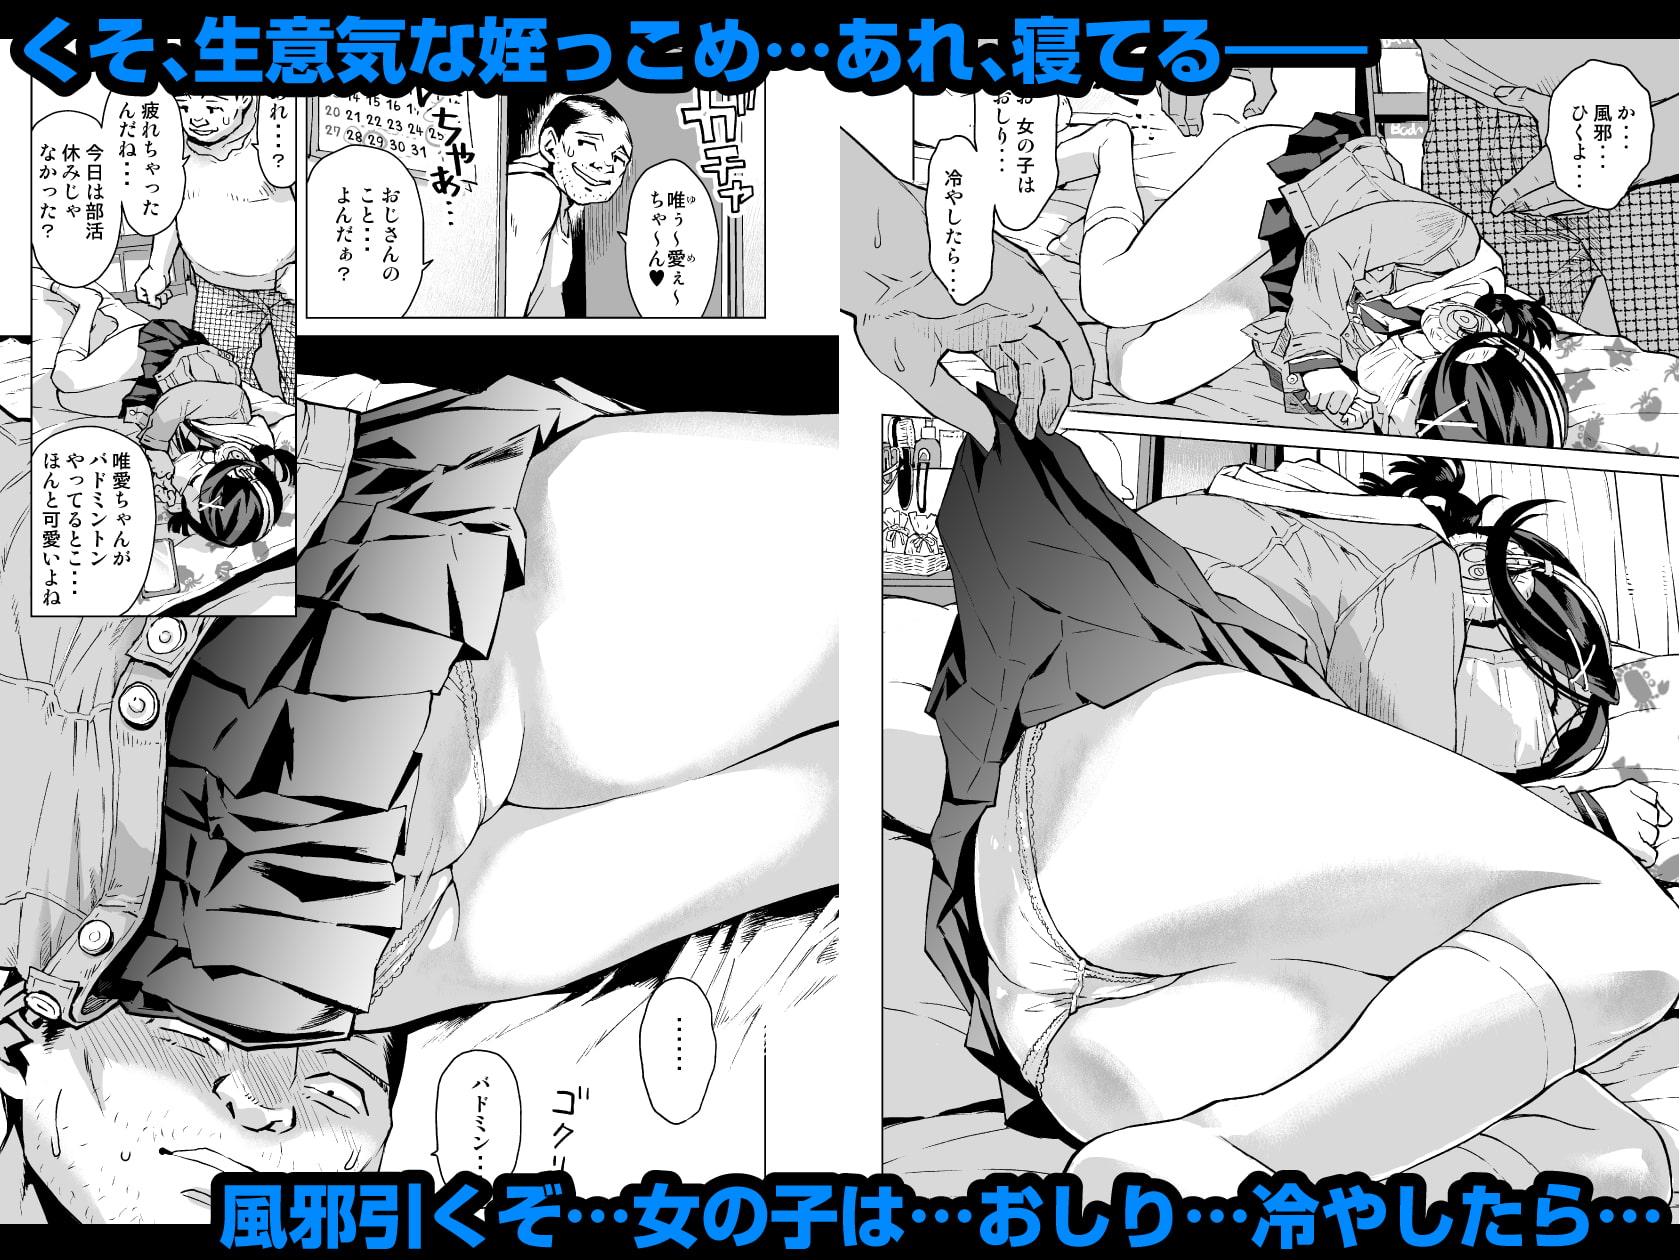 唯愛ちゃん夢アプリ睡姦のサンプル画像4